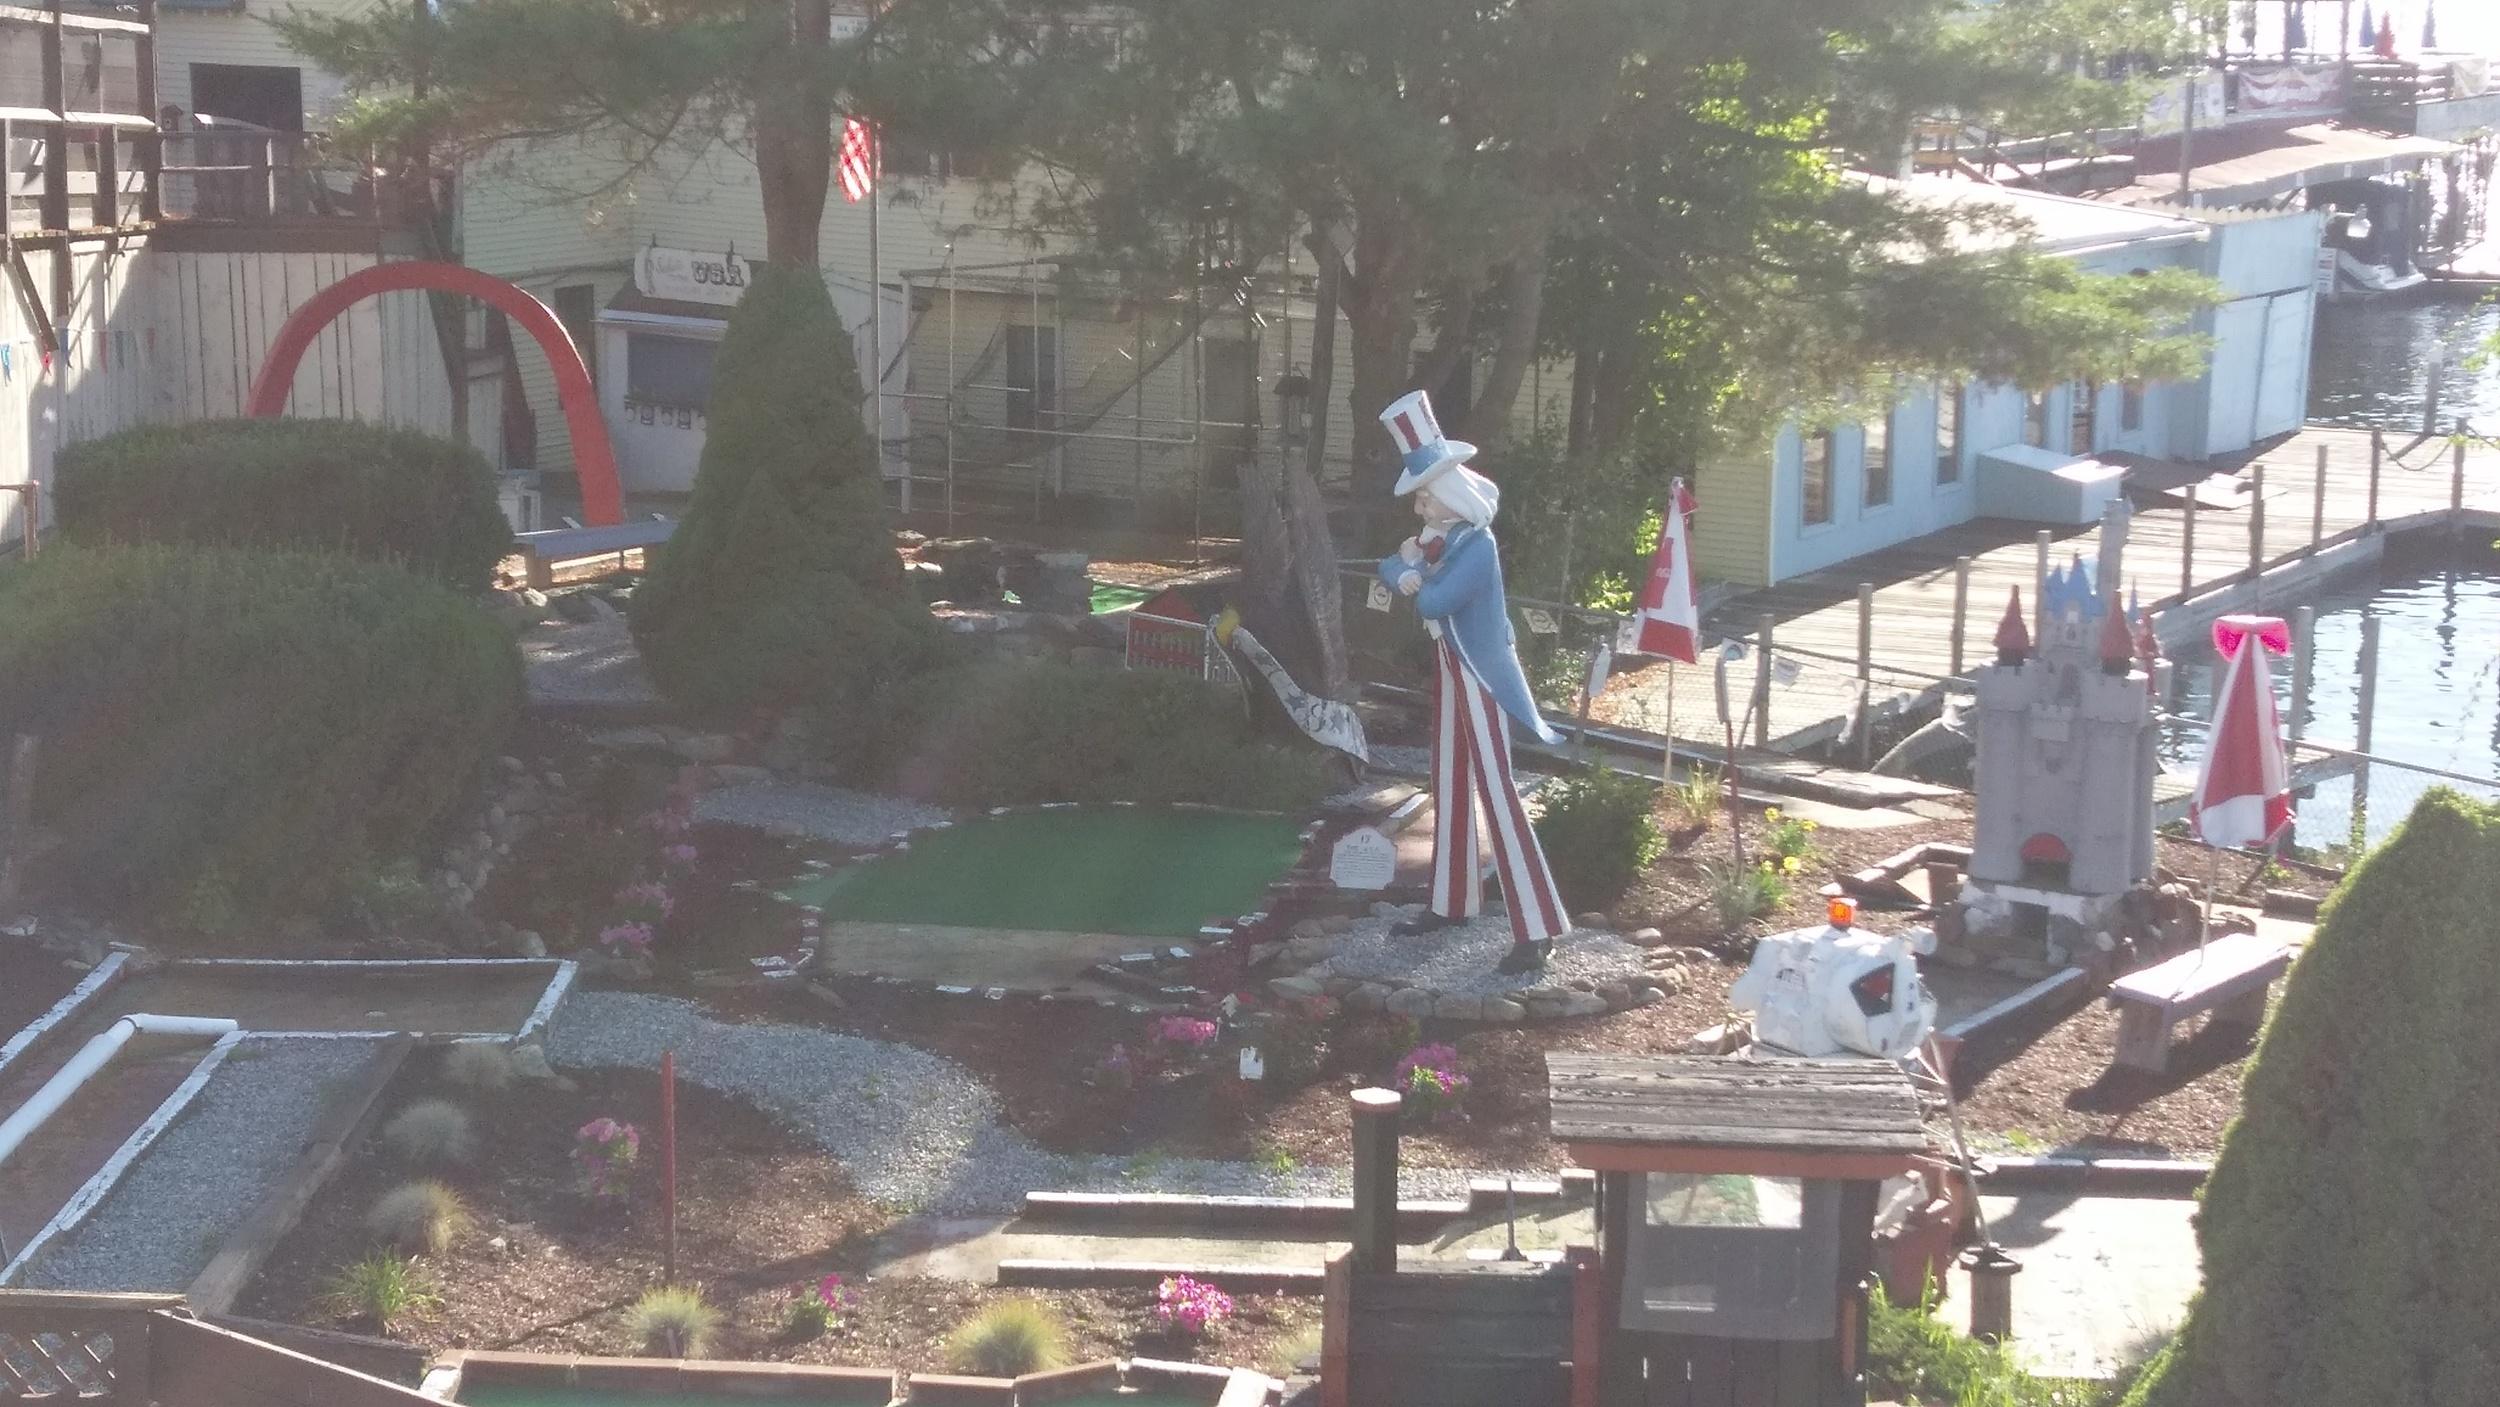 Abandoned mini-golf